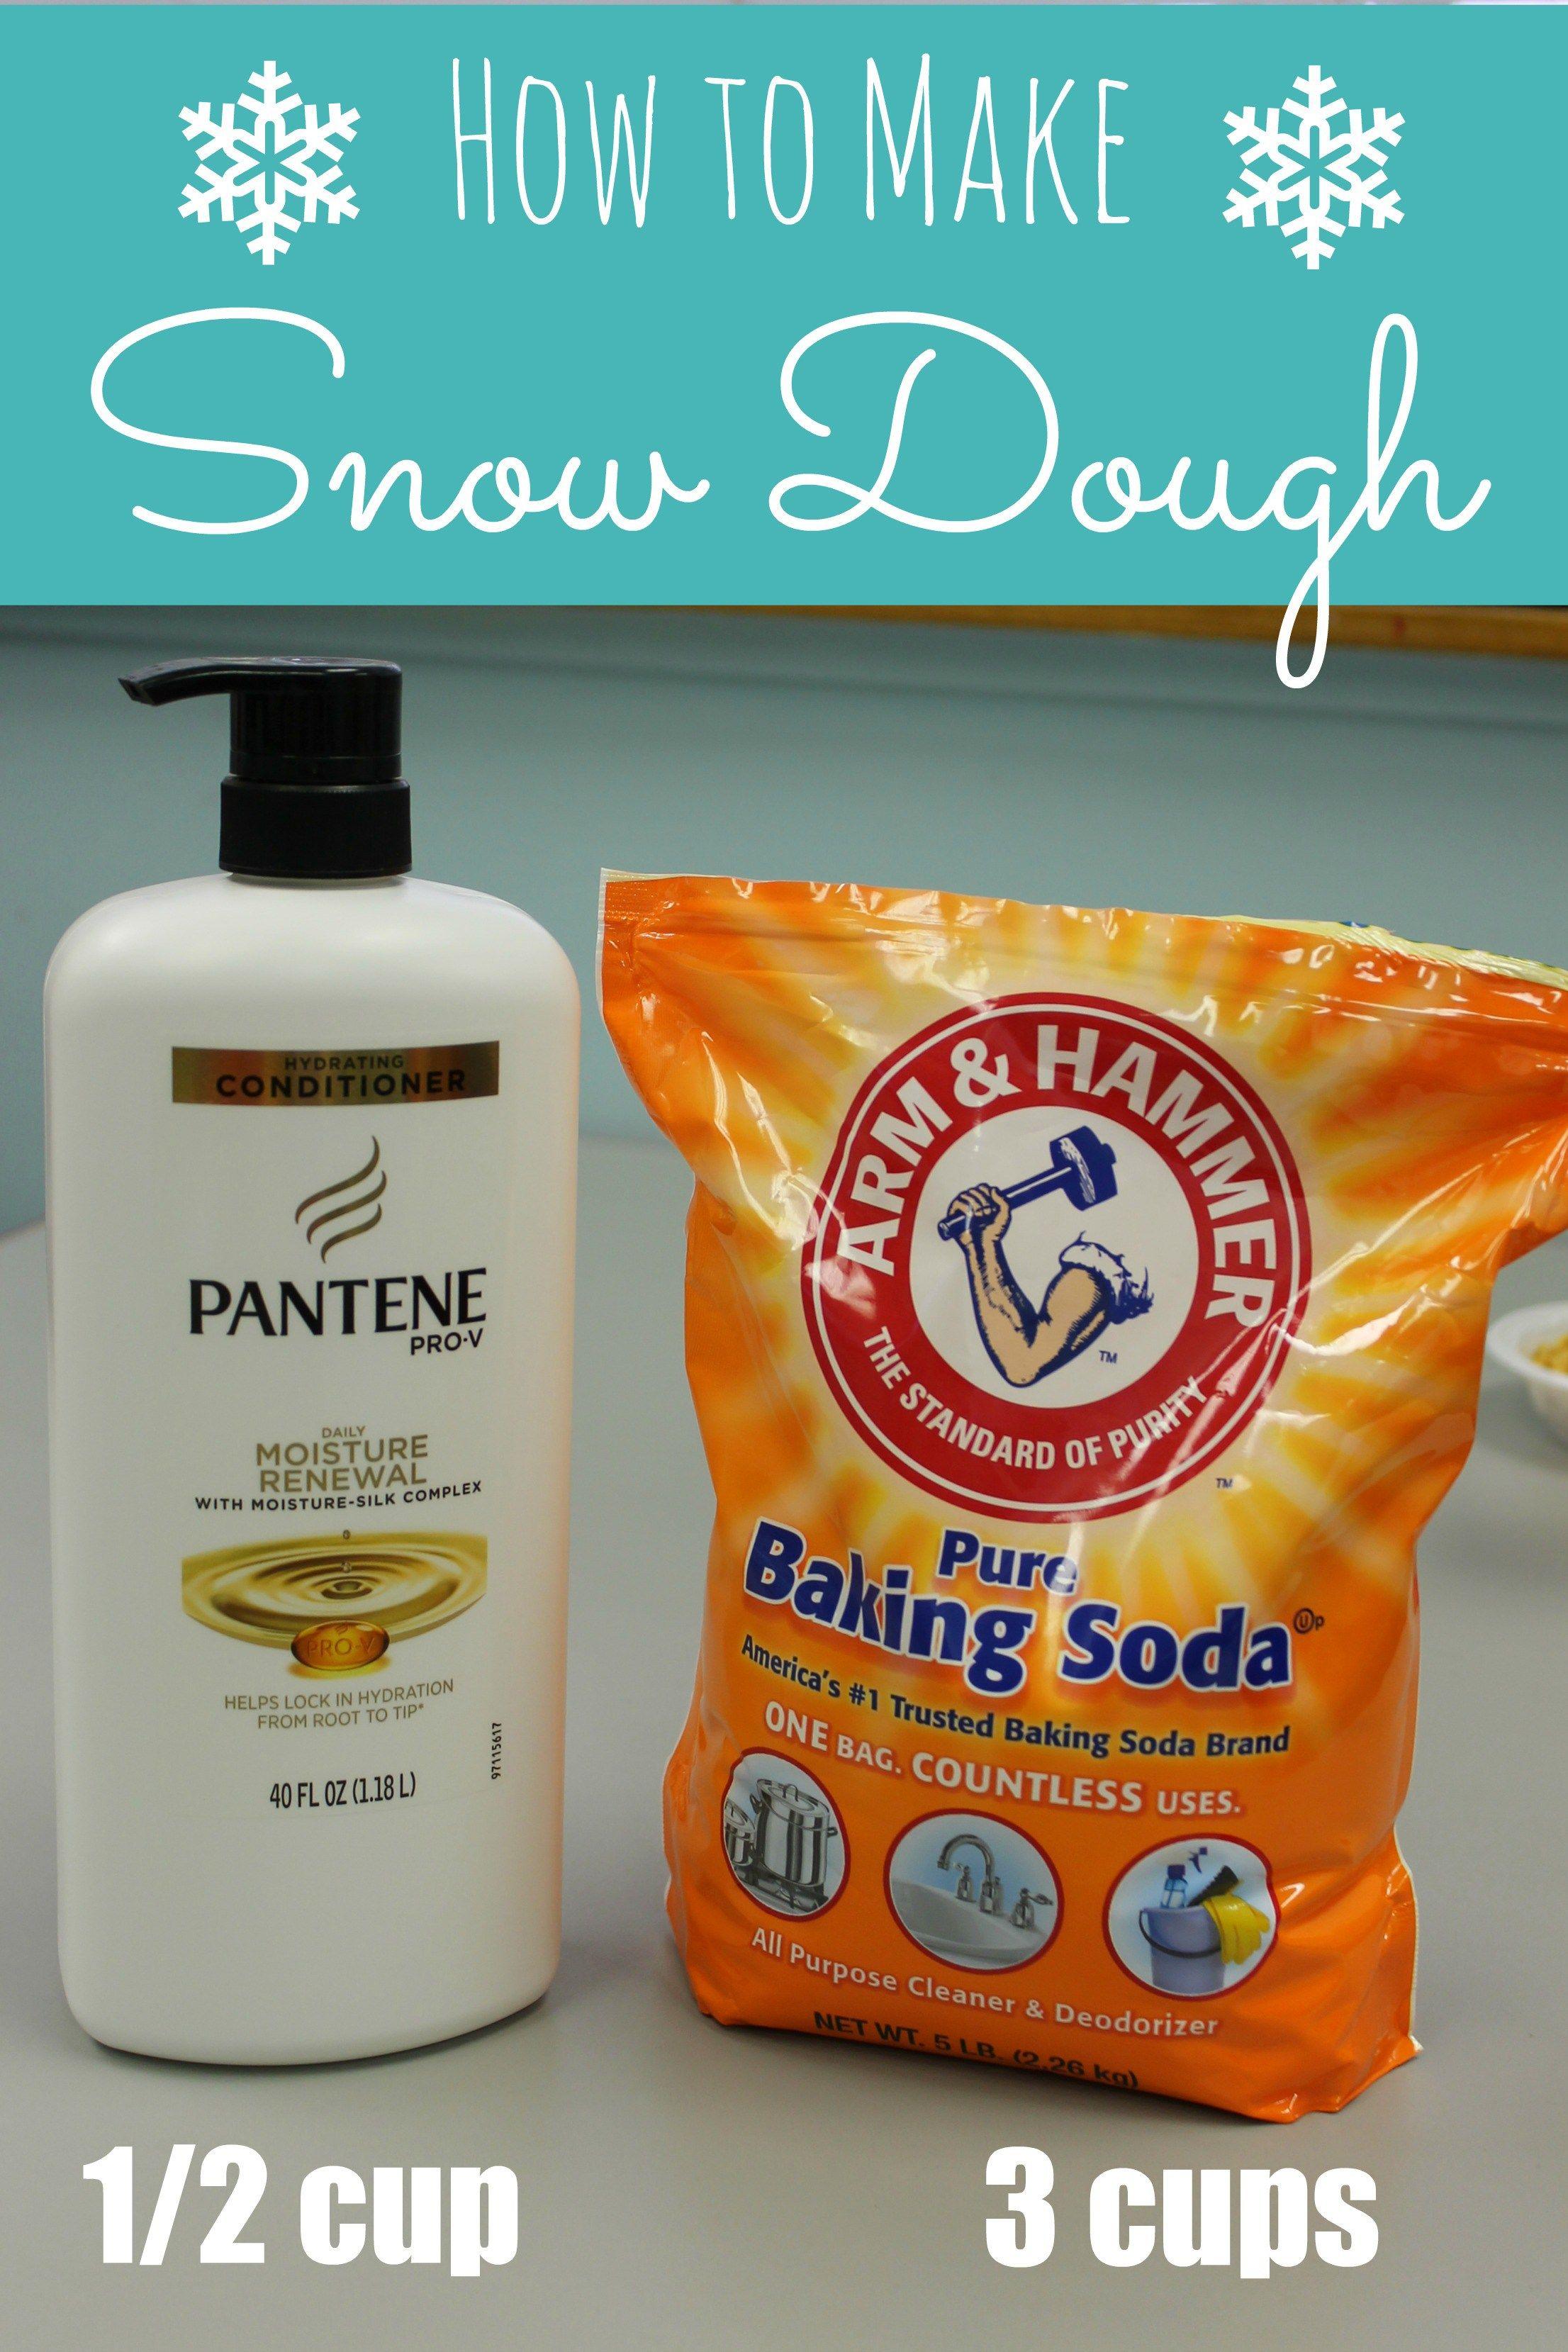 How To Make Snow Dough